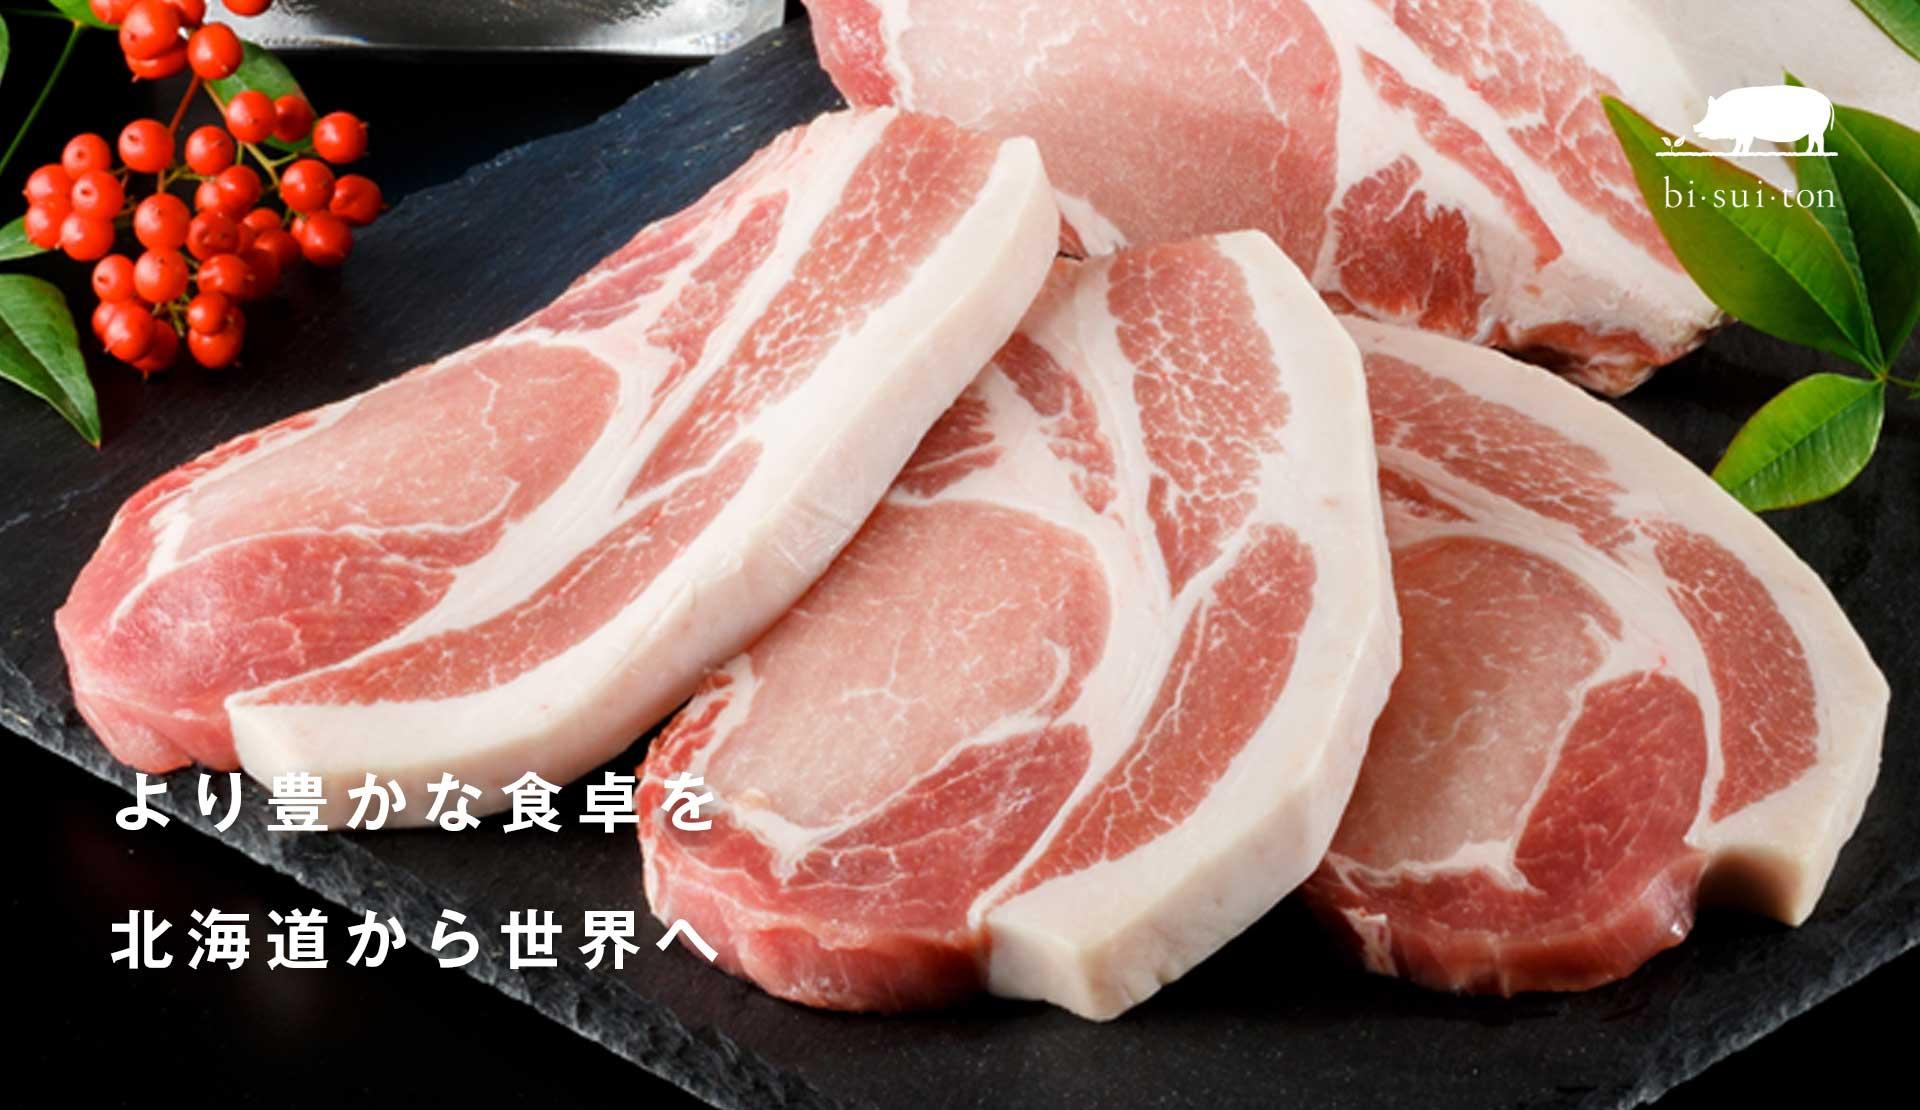 より豊かな食卓を北海道から イメージ画像